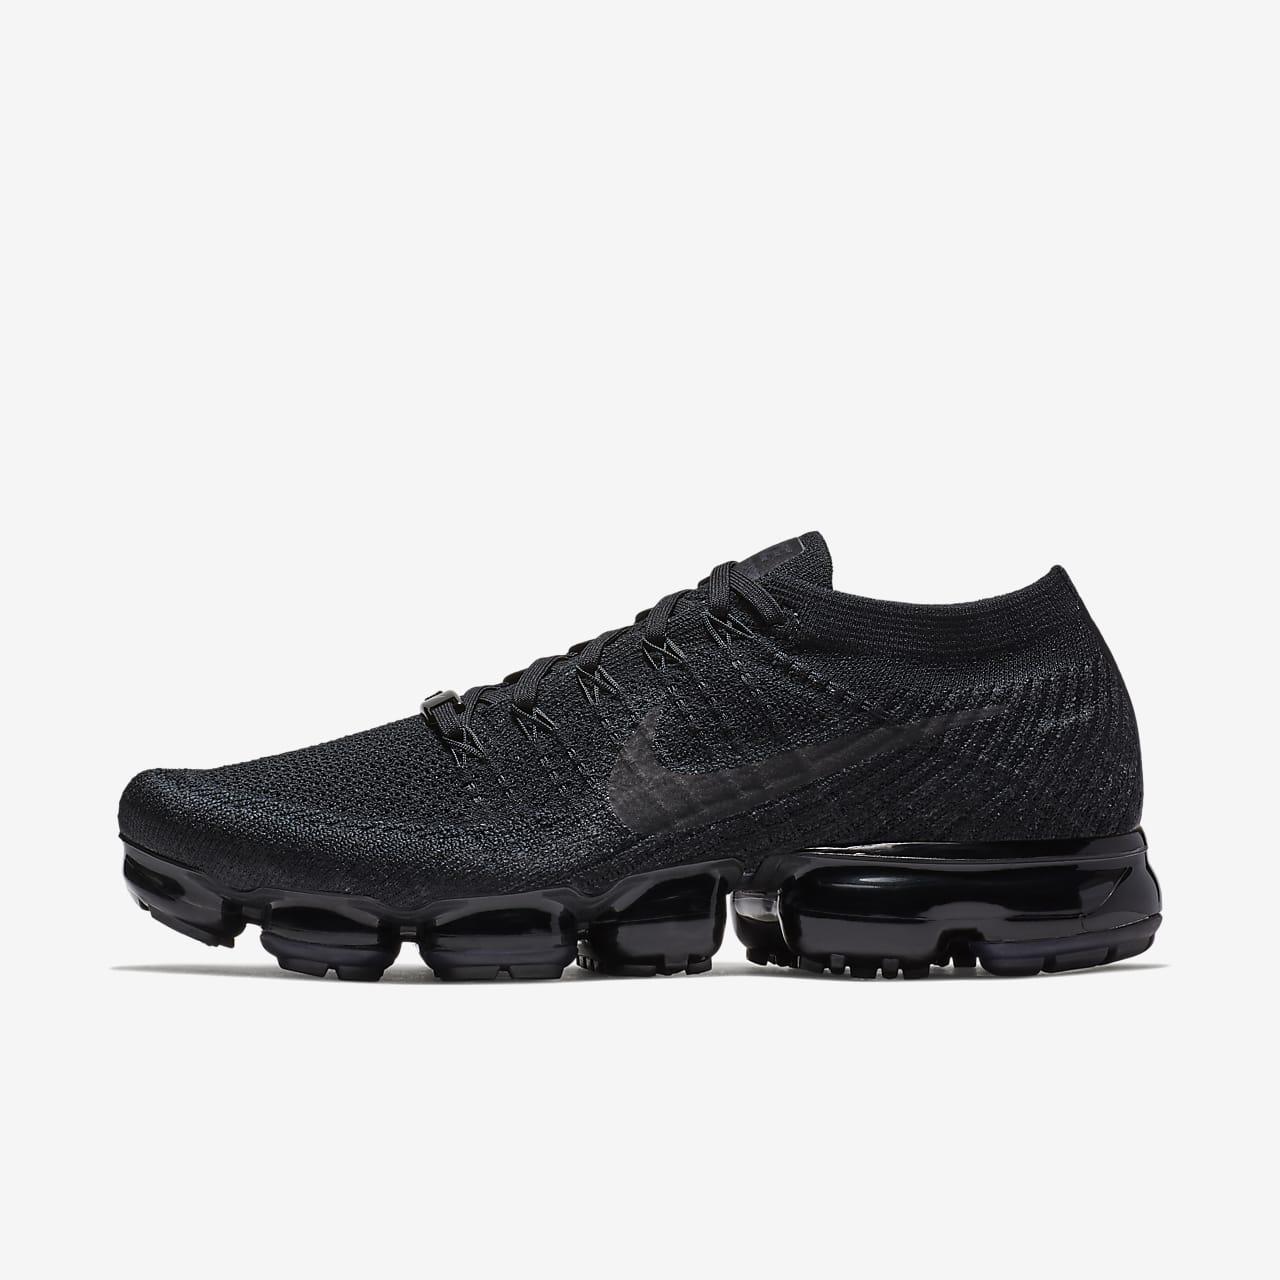 nike chaussure femme vapormax